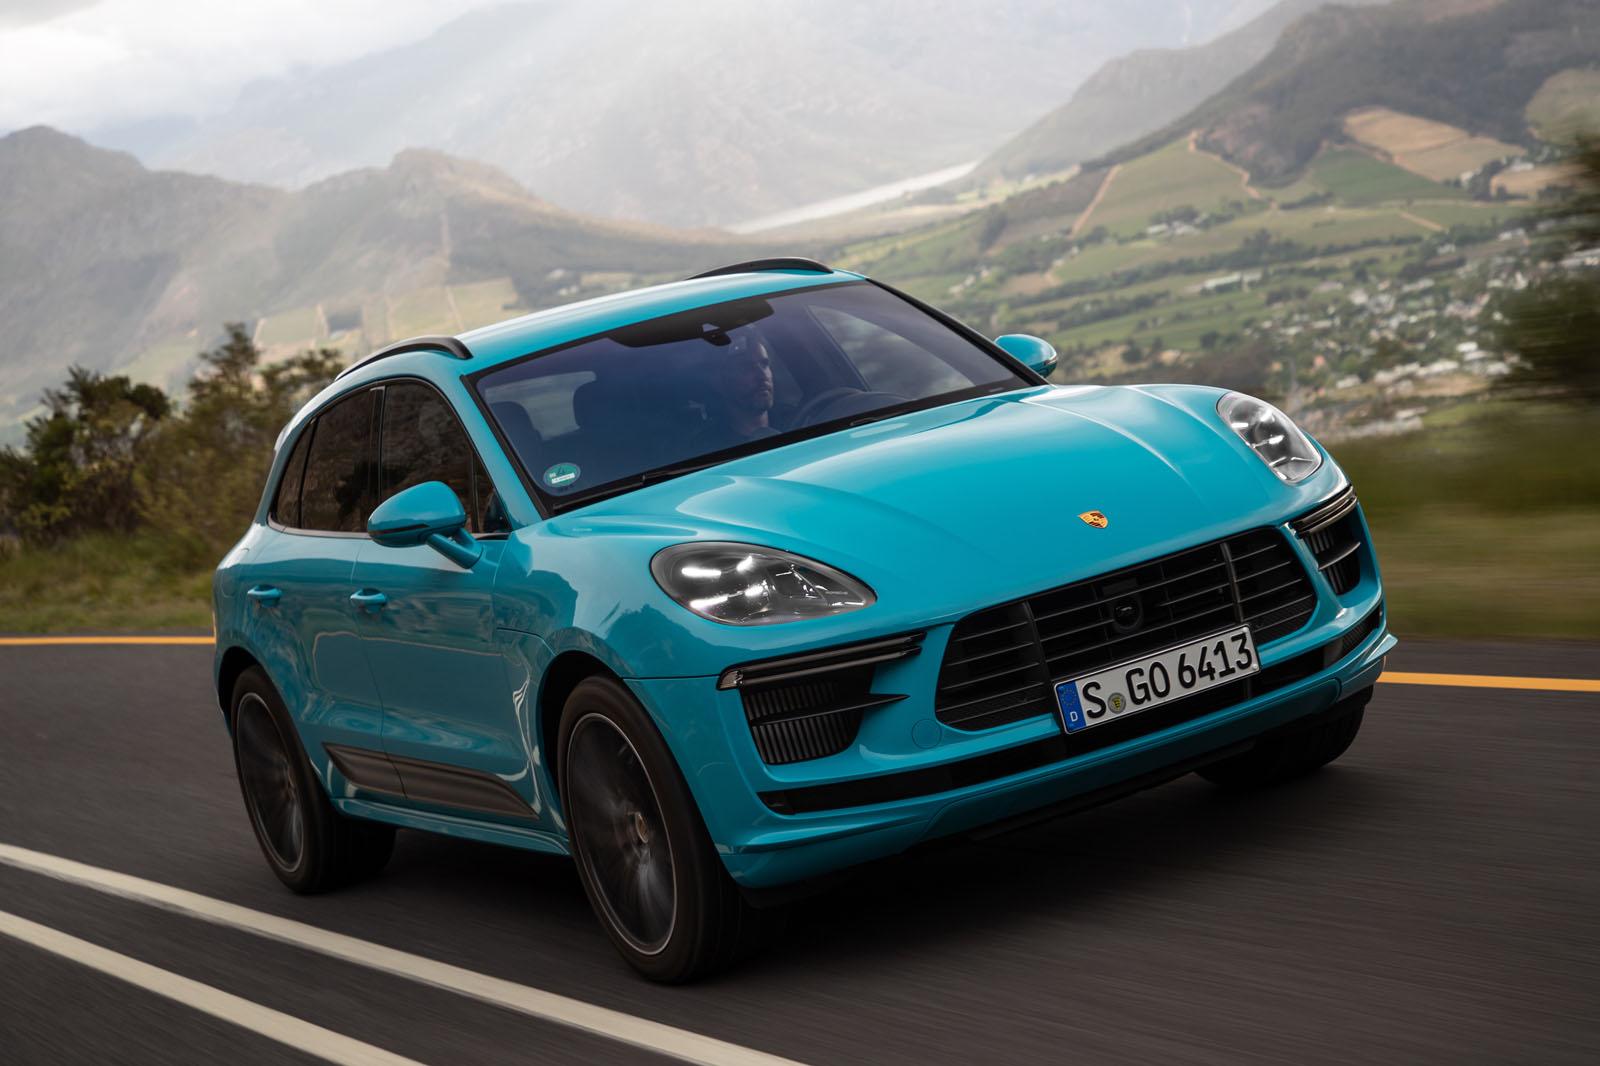 2020 Porsche Macan Turbo Ratings